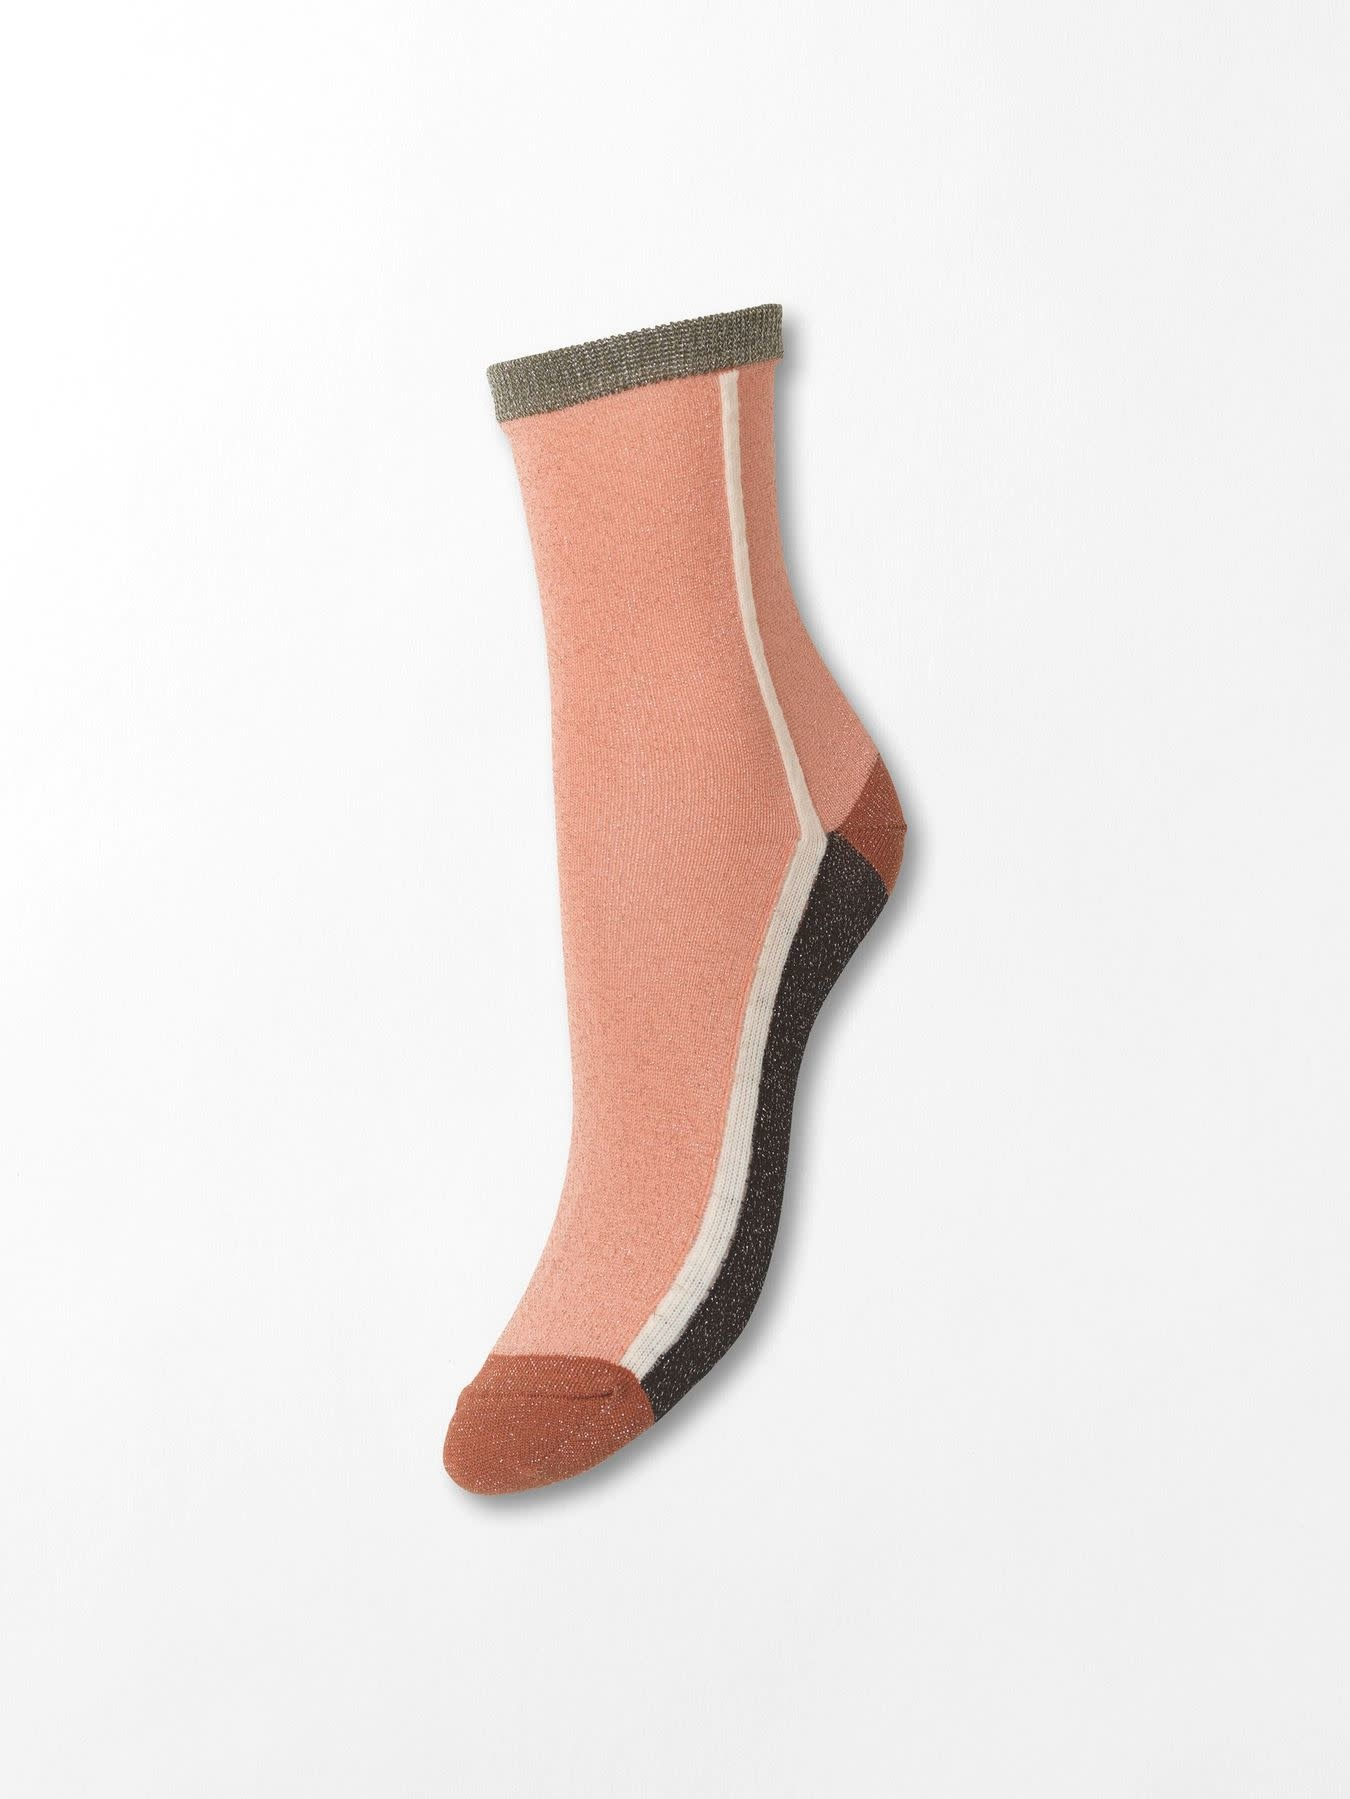 Beck Söndergaard Dean summerblock socks - Dusty pink 39/41